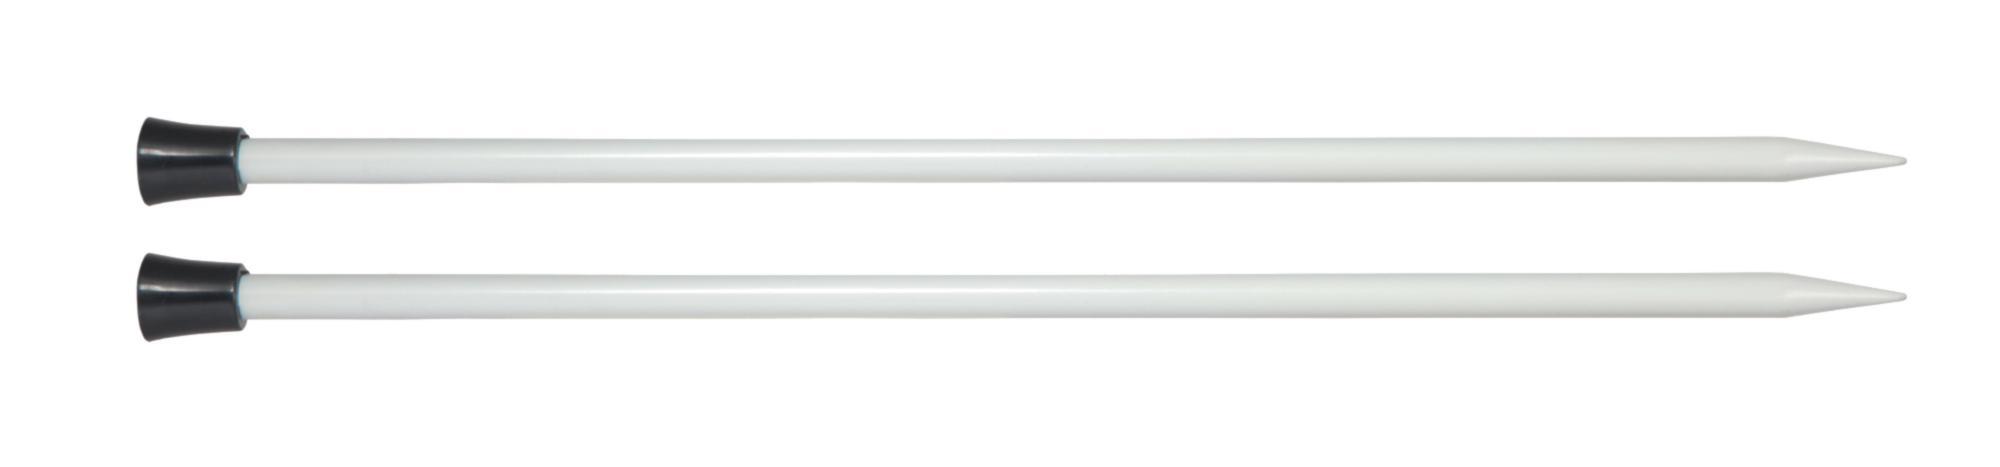 Спицы прямые 35 см Basix Aluminium KnitPro, 45262, 2.50 мм